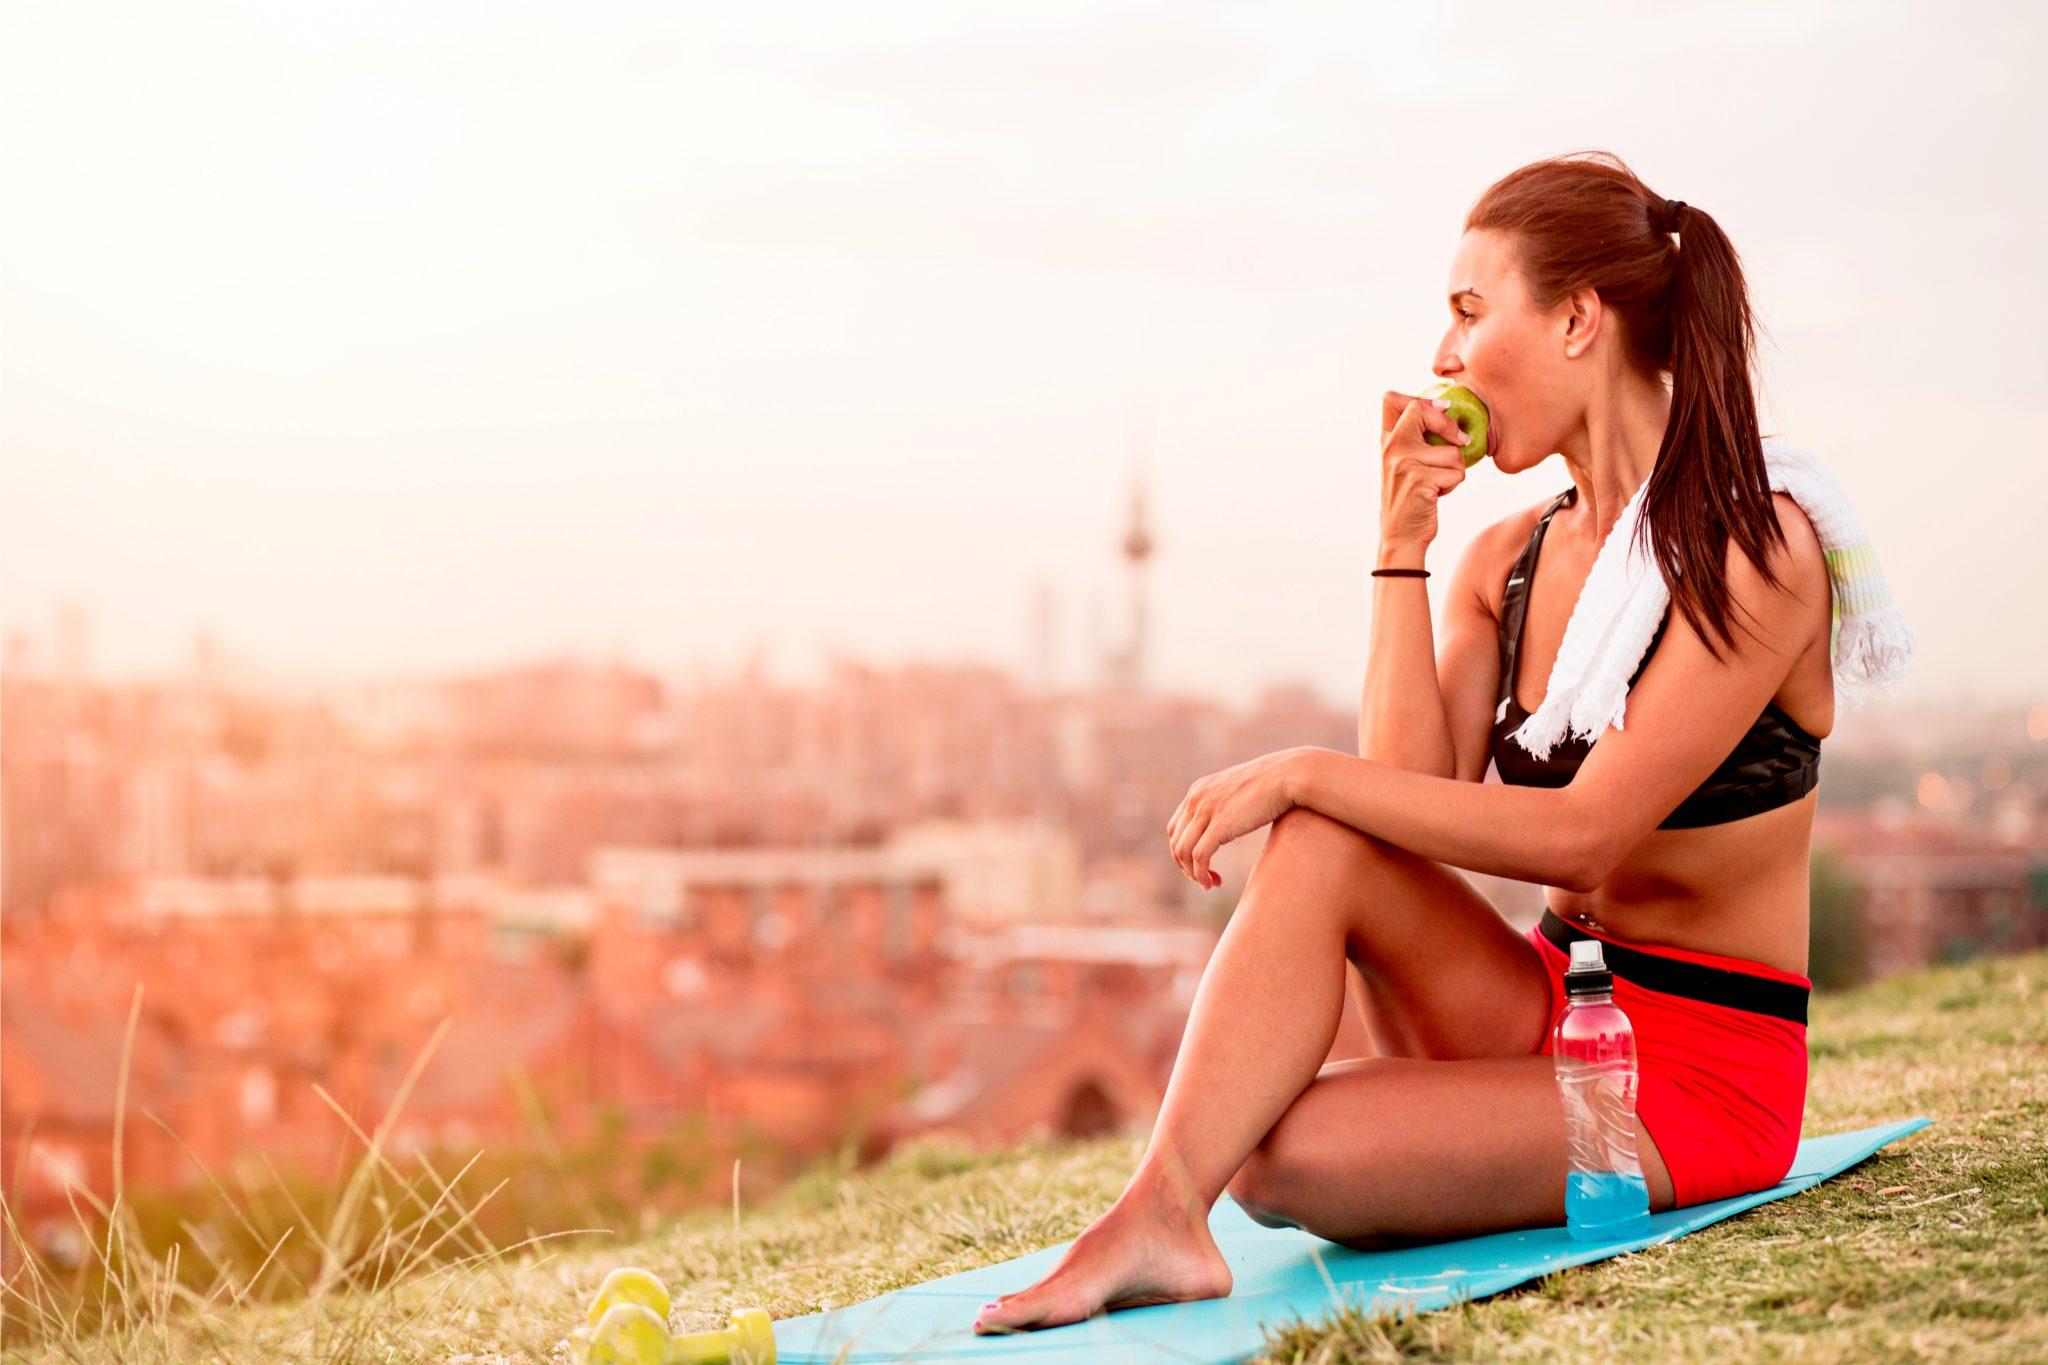 運動後にリンゴを食べている女性